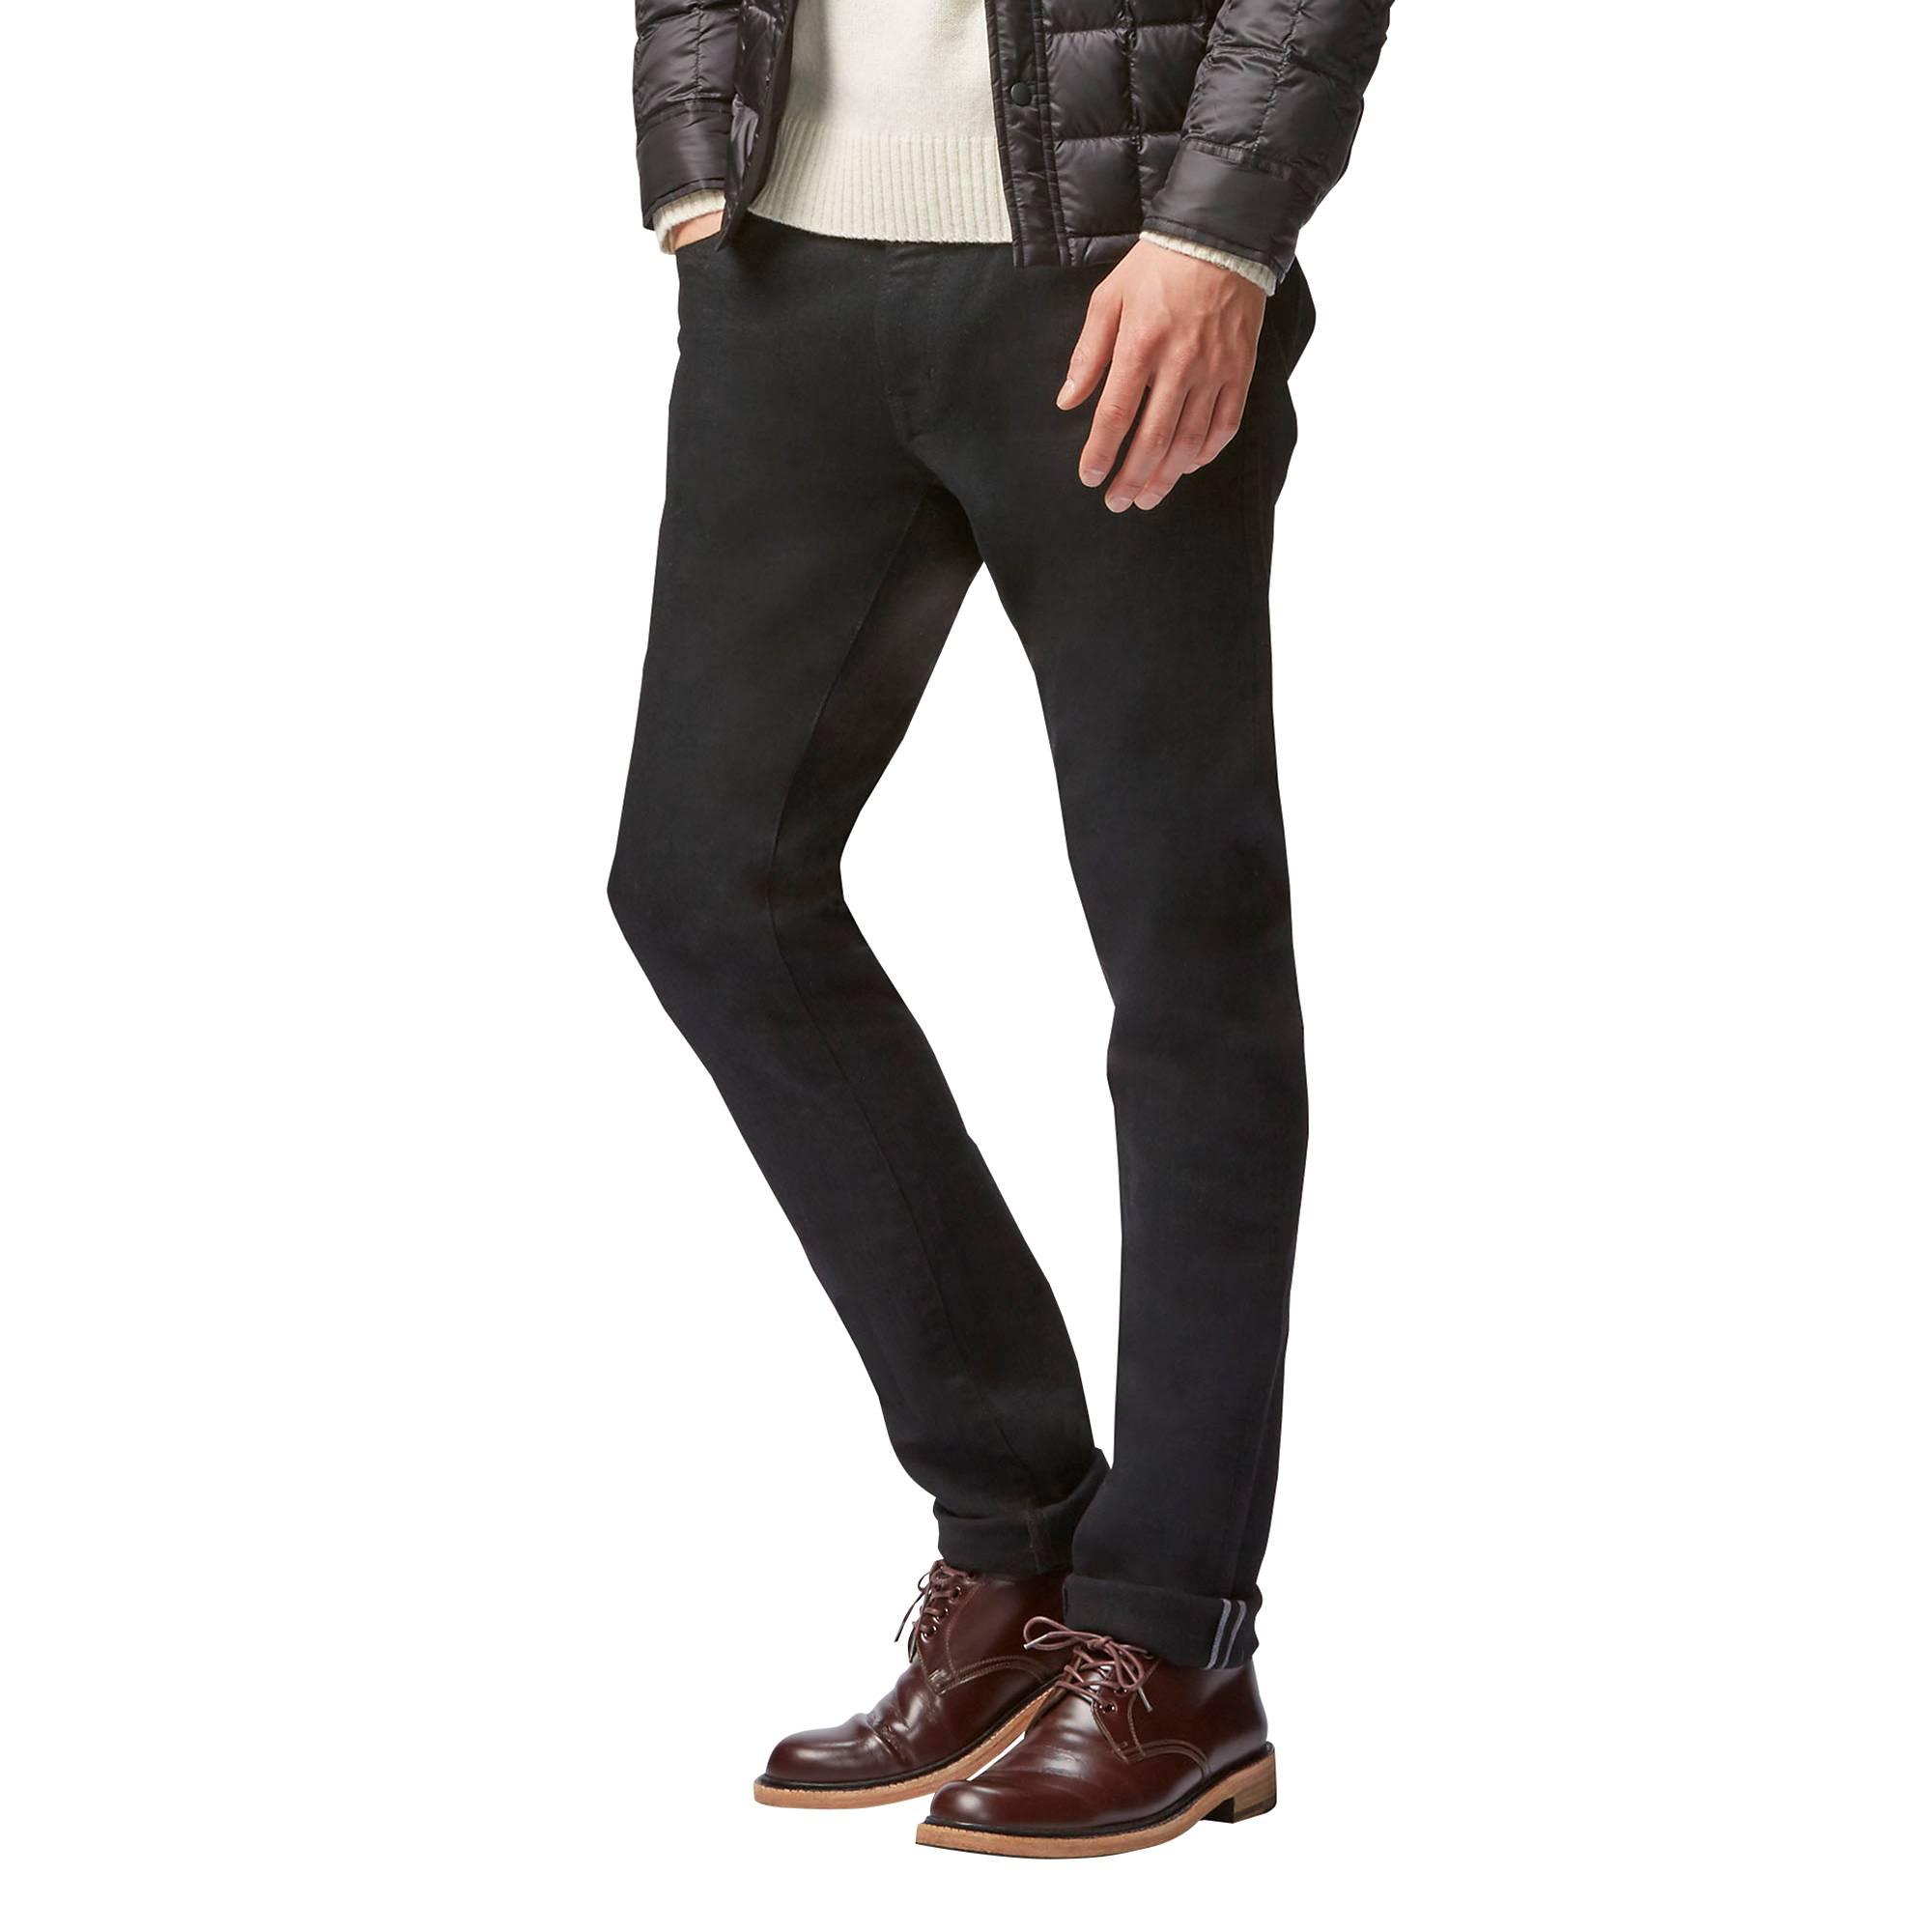 mens stretch jeans men stretch selvedge skinny jeans, navy, small akhnncr